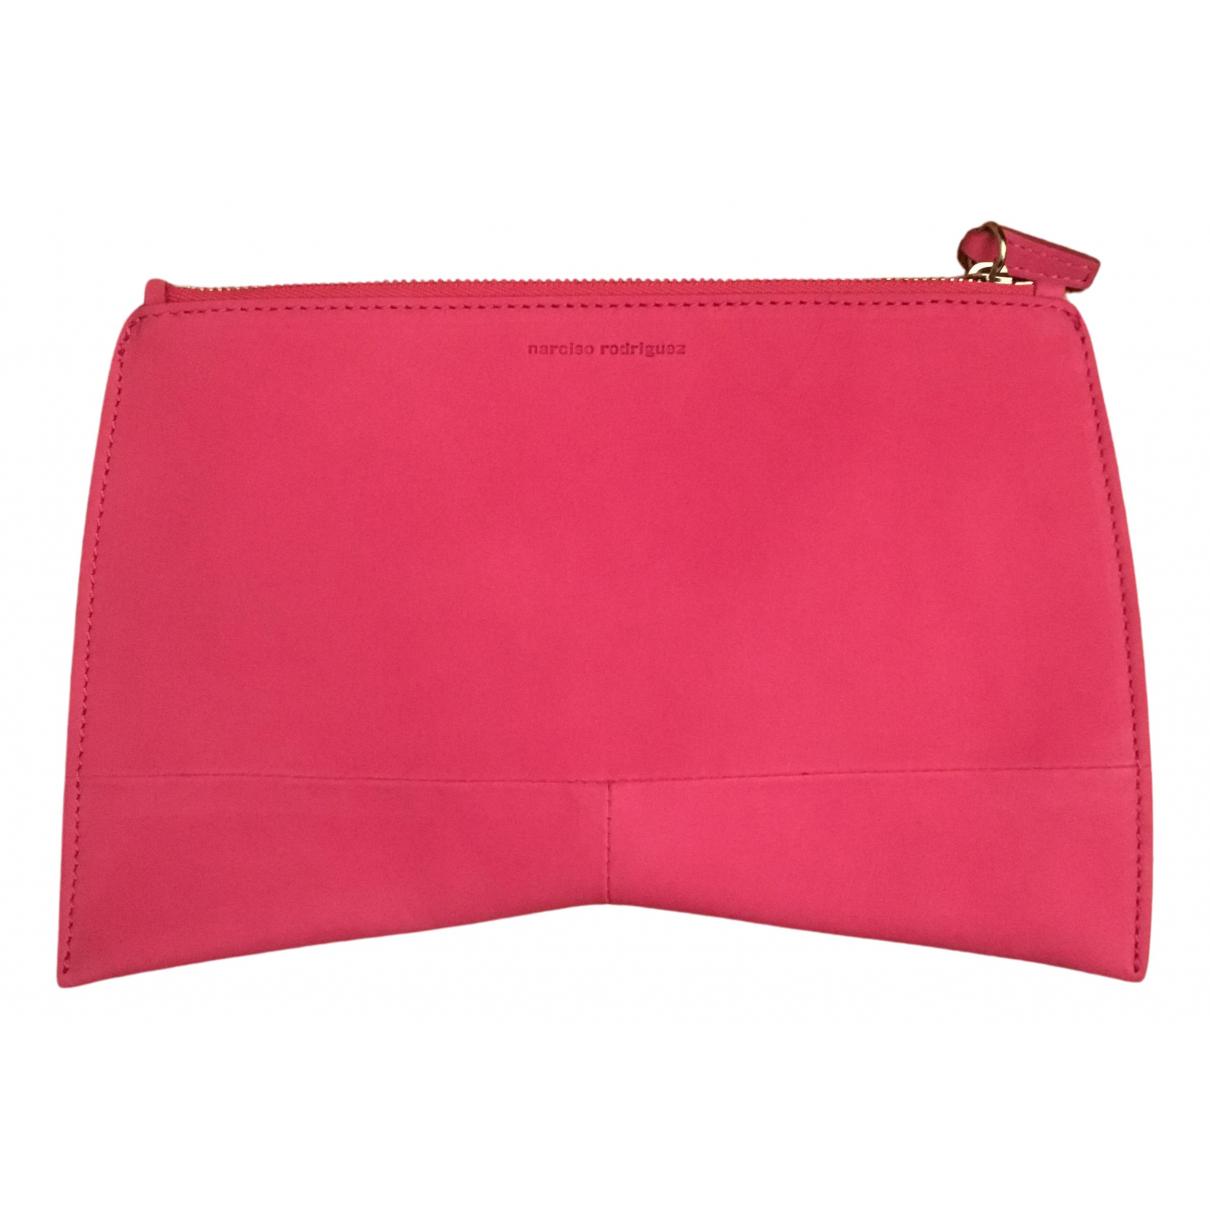 Narciso Rodriguez - Pochette   pour femme en cuir - rose